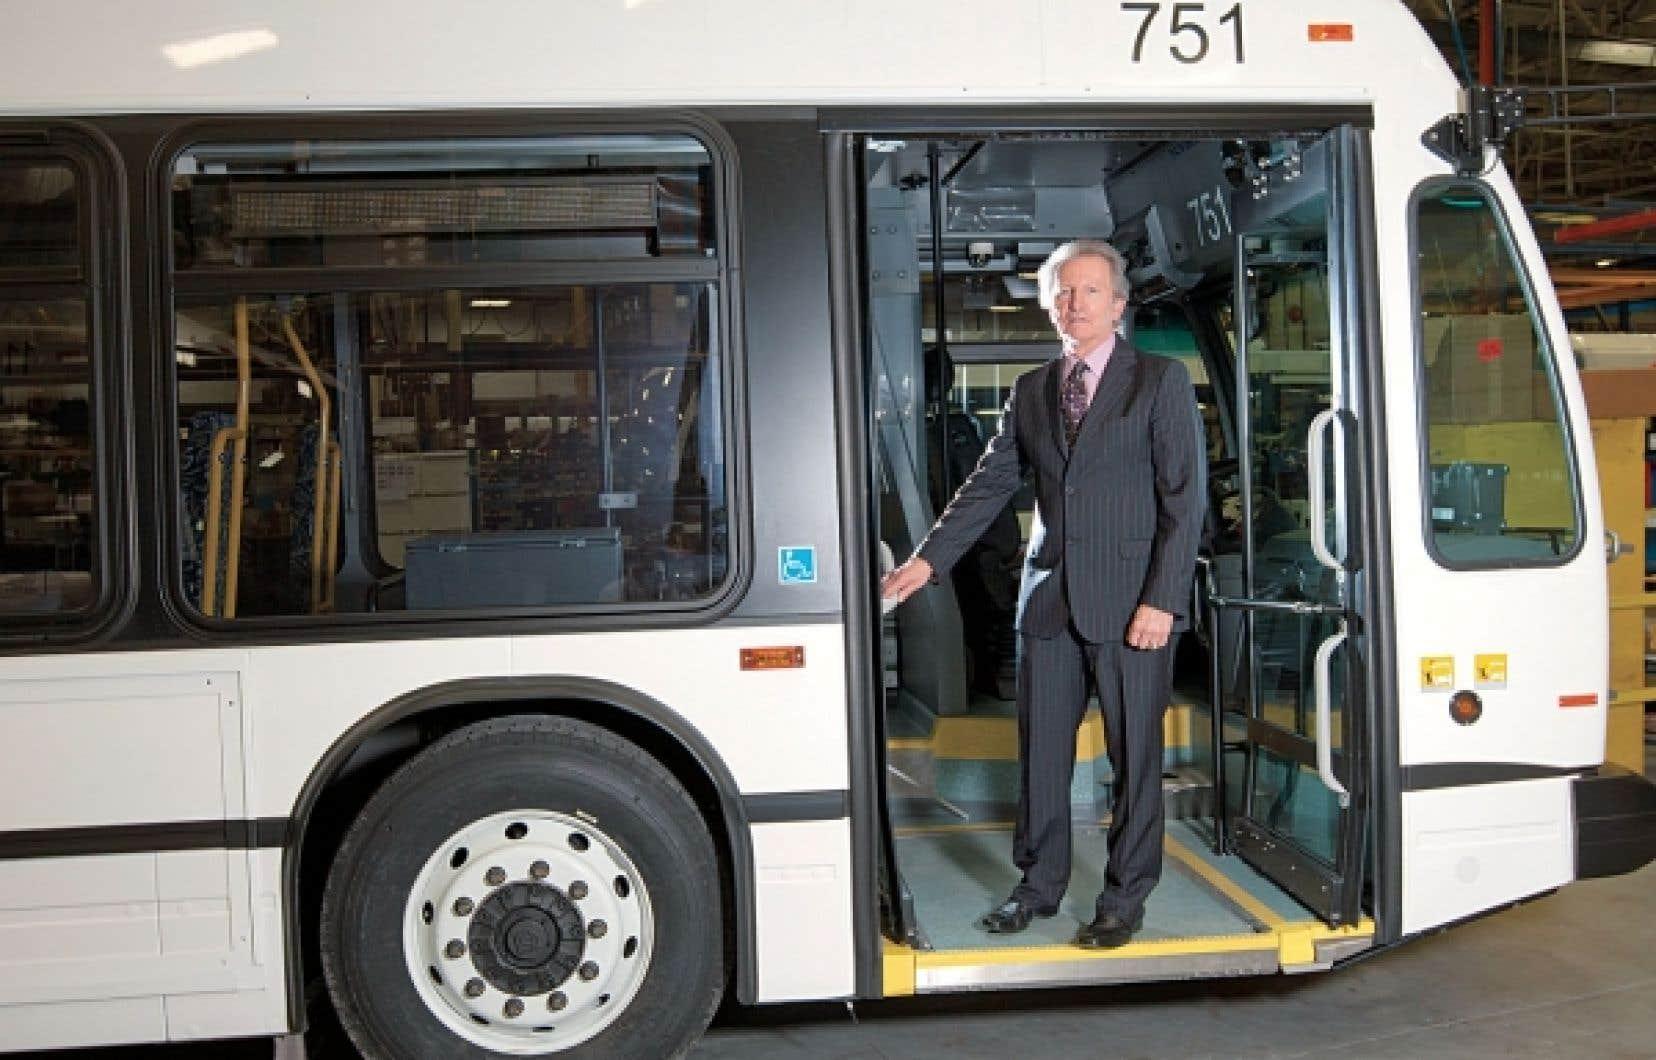 Pour Gilles Dion, l'avenir appartient à l'électromobilité. Il exclut de cette révolution les tramways et les trolleybus, qui ont besoin pour rouler d'une source permanente d'alimentation électrique extérieure, ce que l'ex-vice-président de Prévost considère comme faisant partie « des technologies archaïques ».